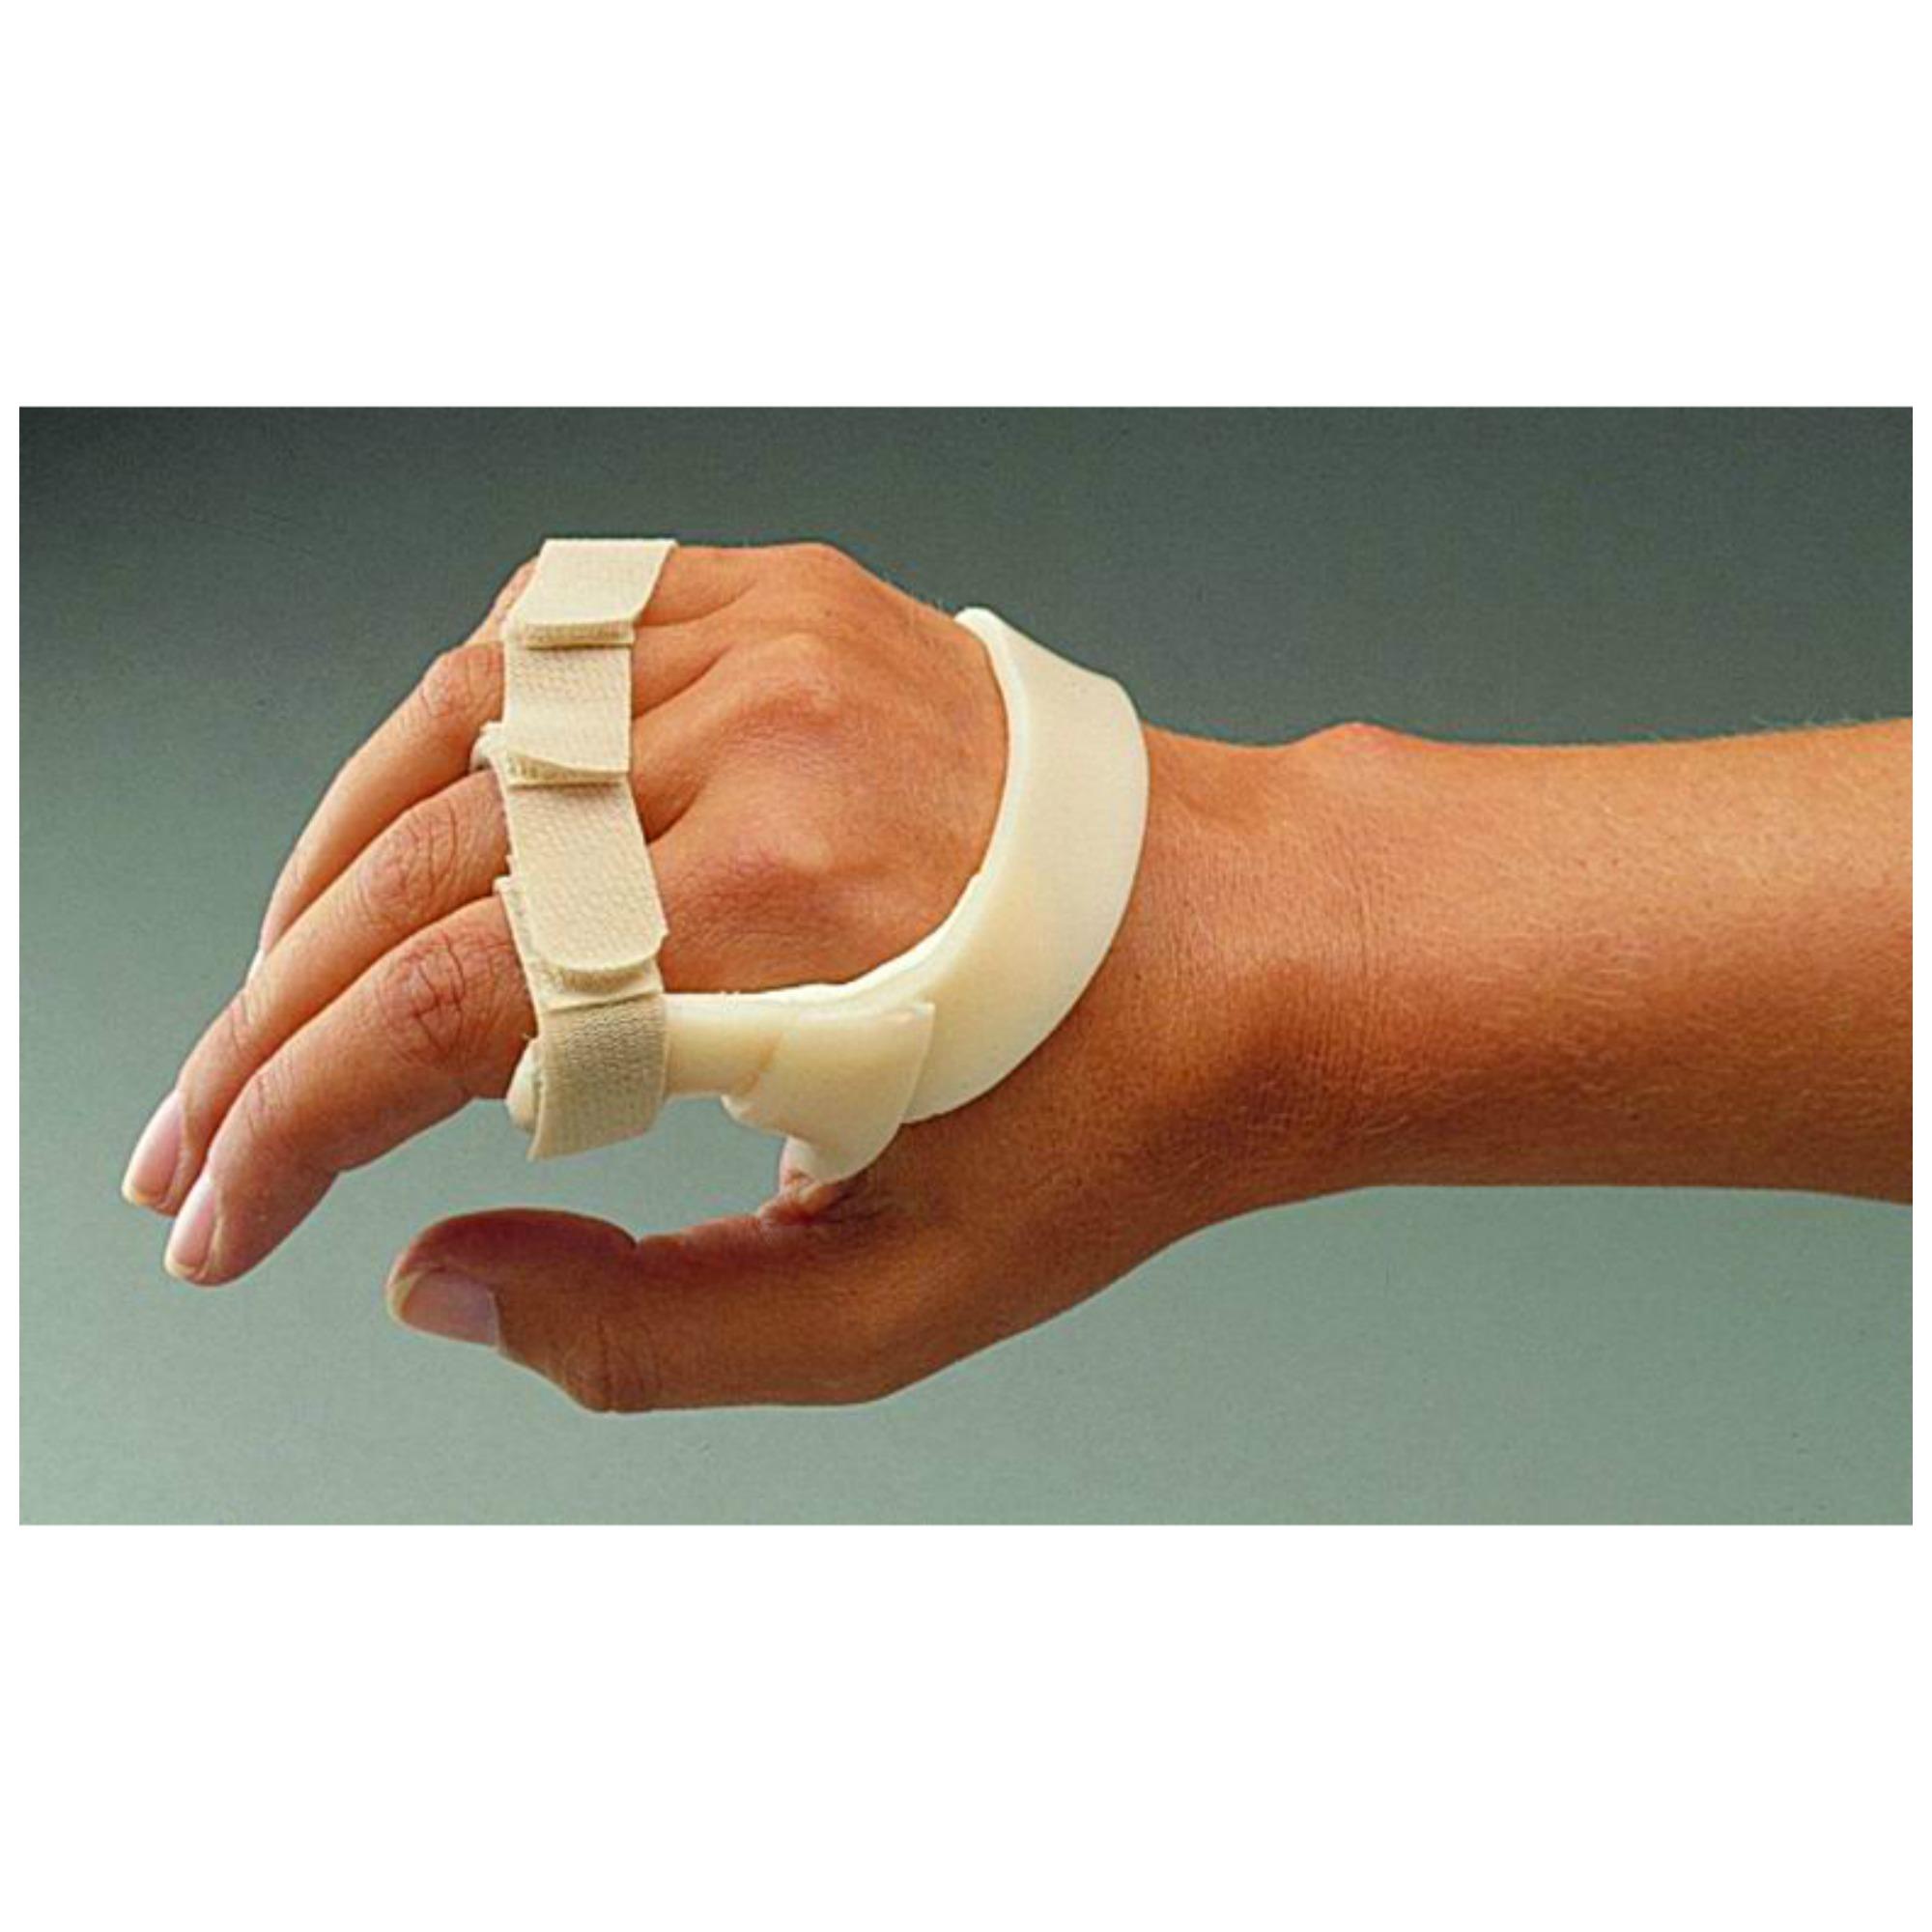 eszközök a kéz ízületi kezelésére